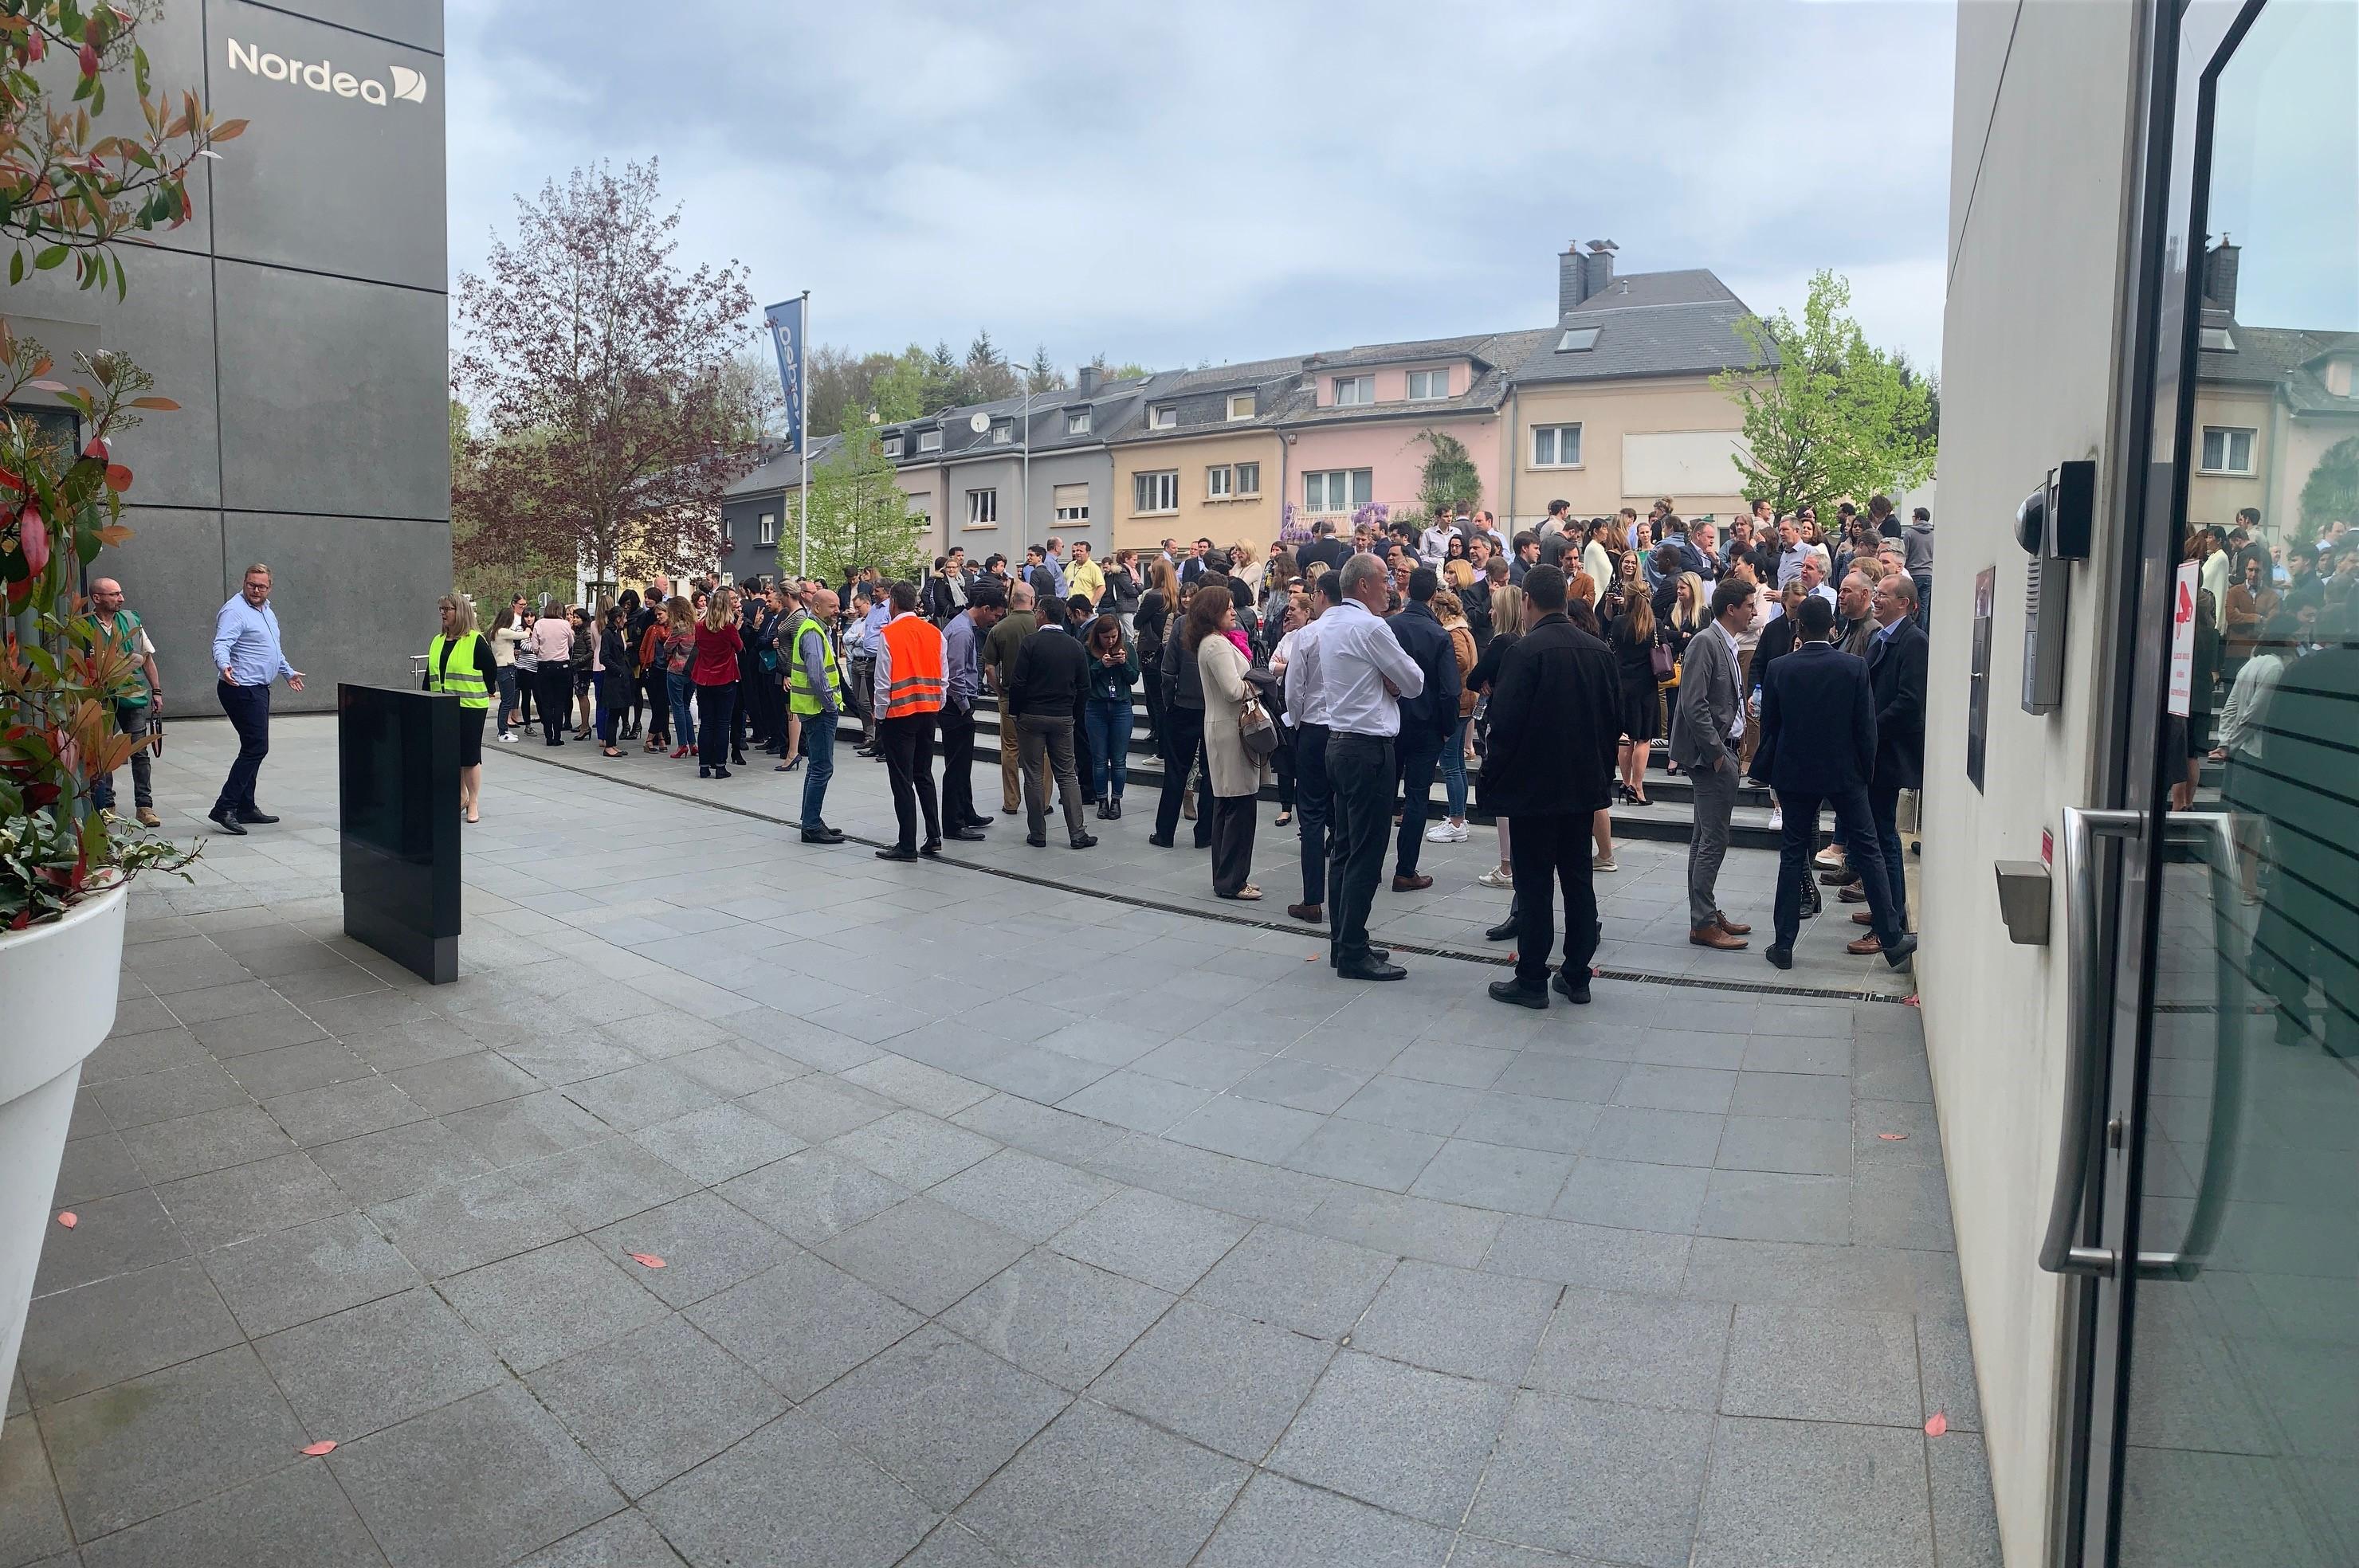 exercice d'évacuation réalisé au luxembourg